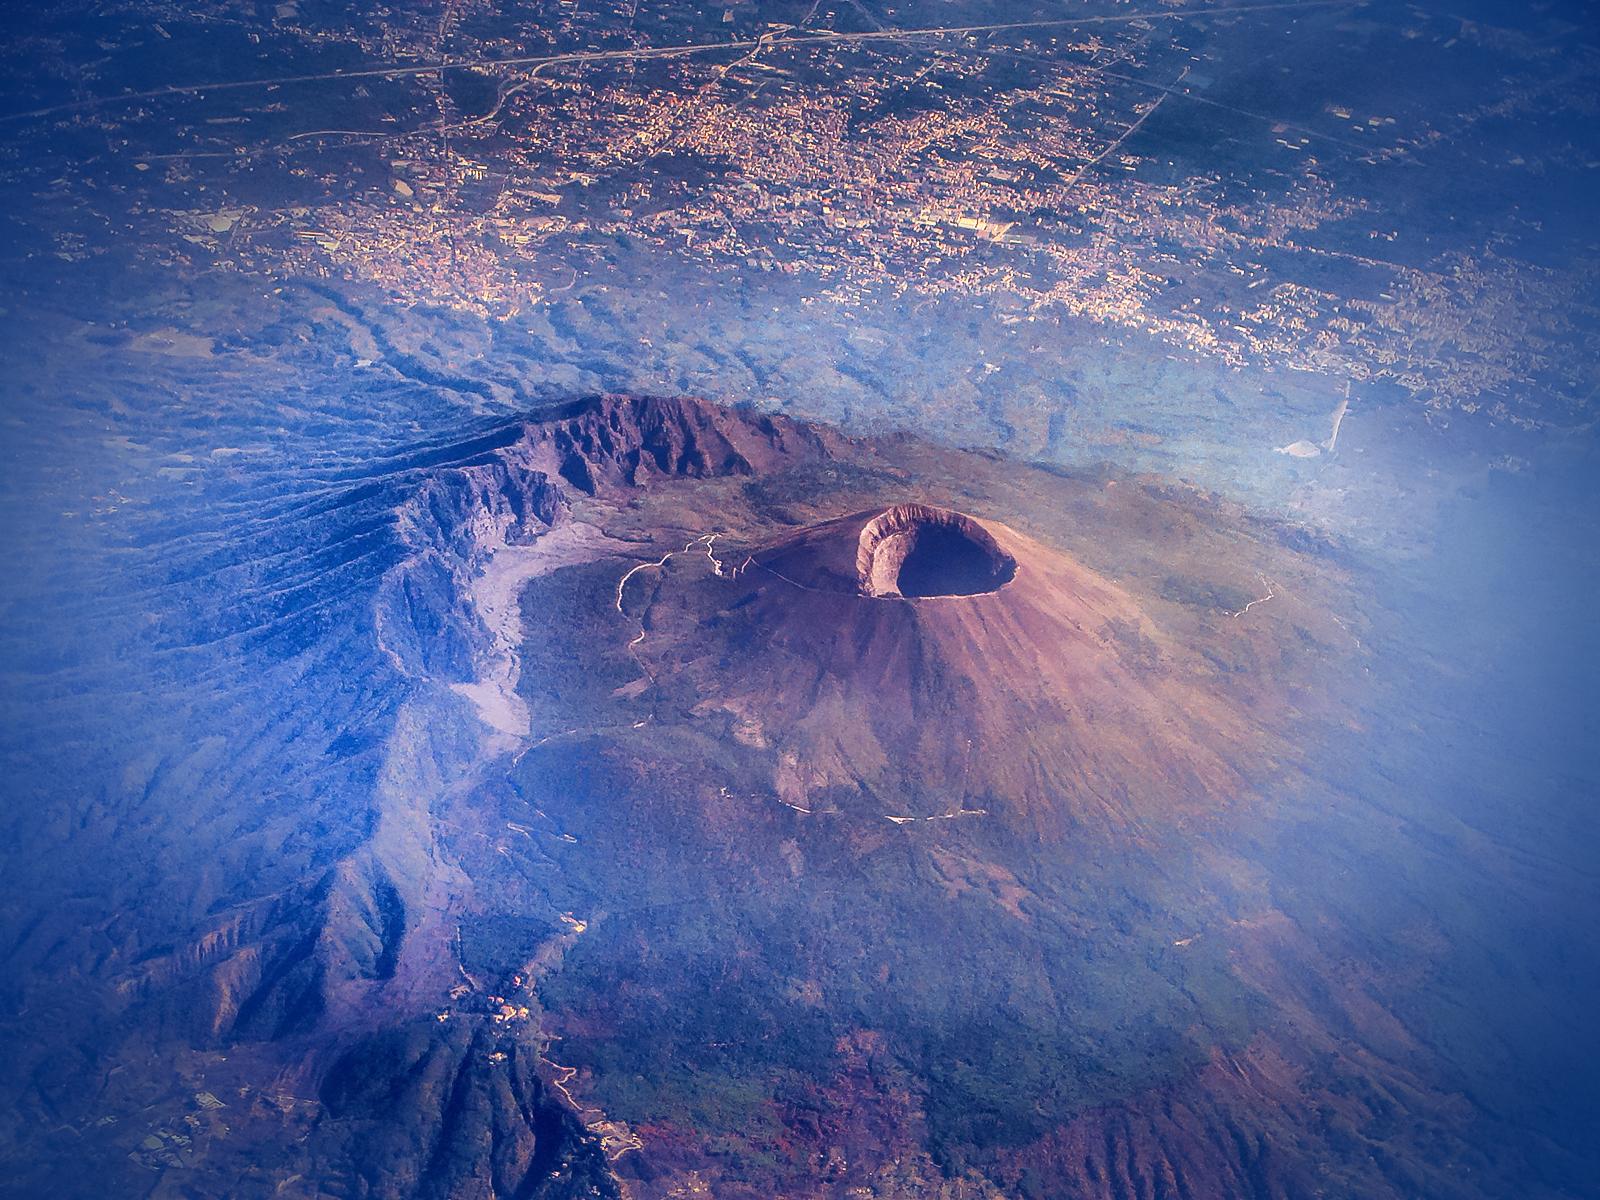 Sube hasta el Etna, el volcán activo más grande de Europa - Italia Circuito Sicilia Clásica y Nápoles